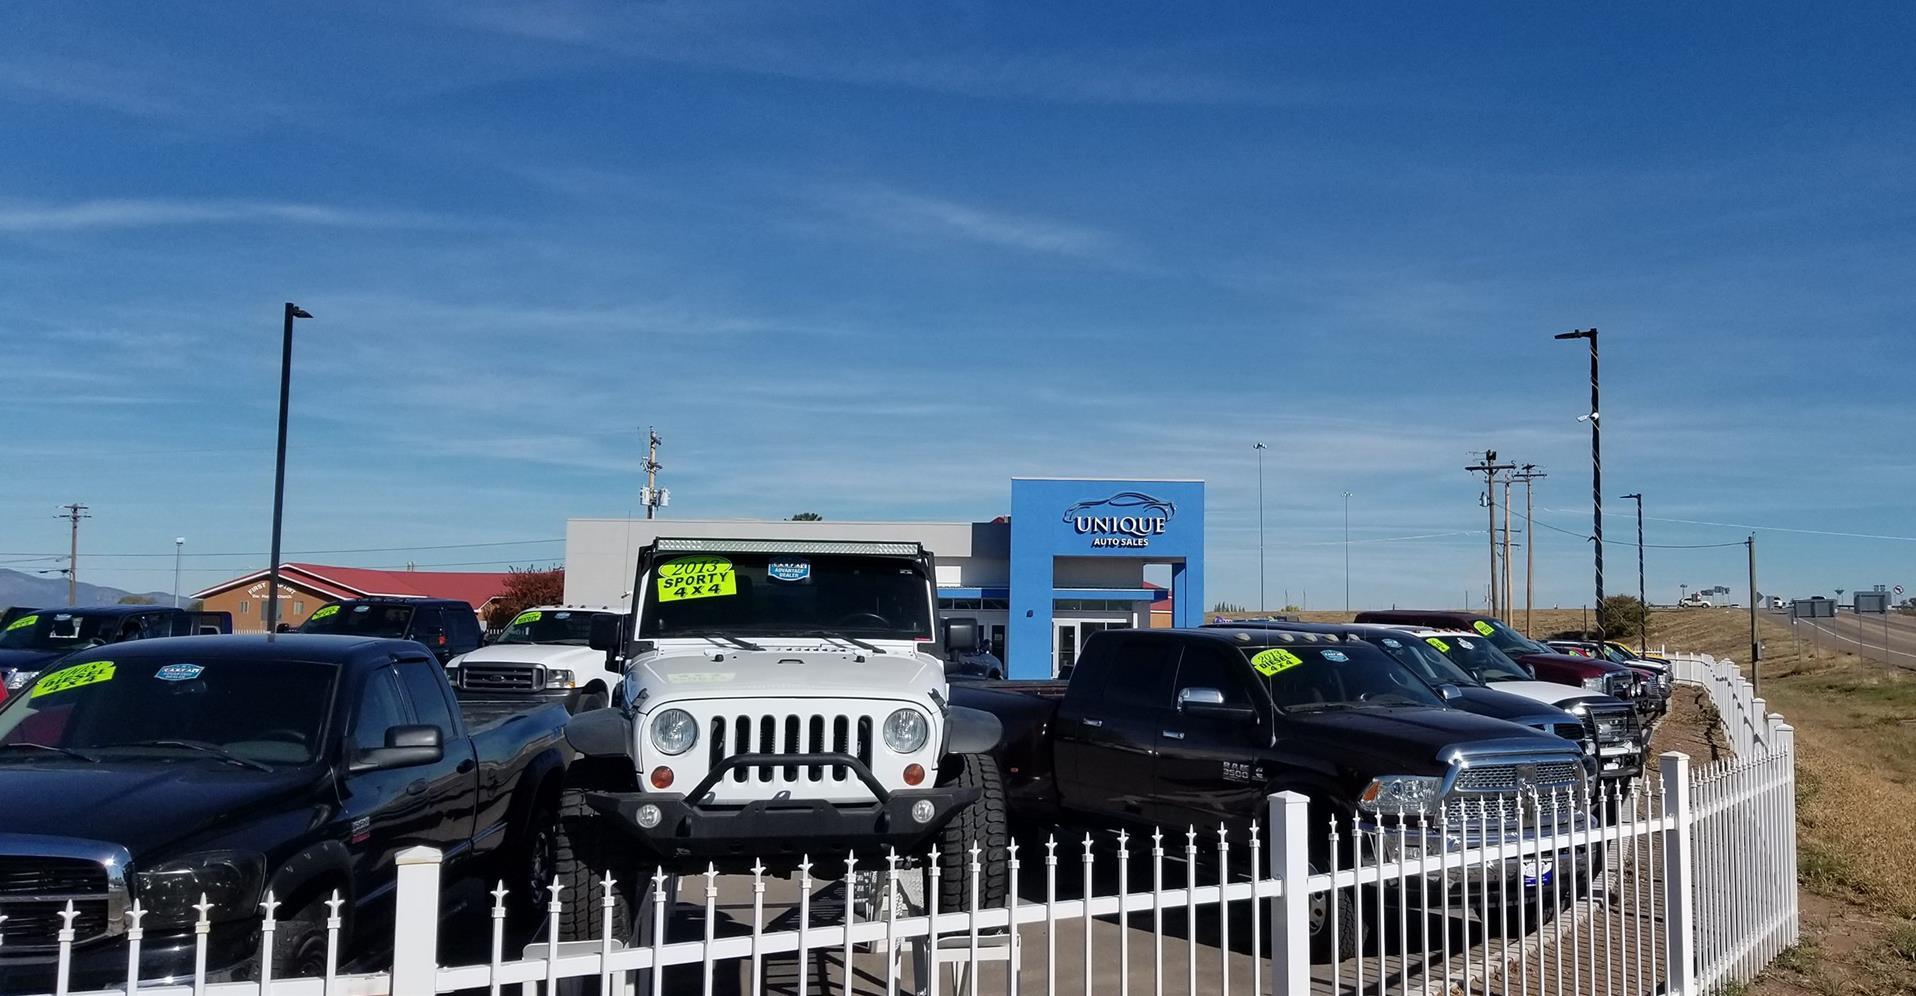 Used Cars In Albuquerque >> Used Cars Albuquerque Nm Used Cars Trucks Nm Unique